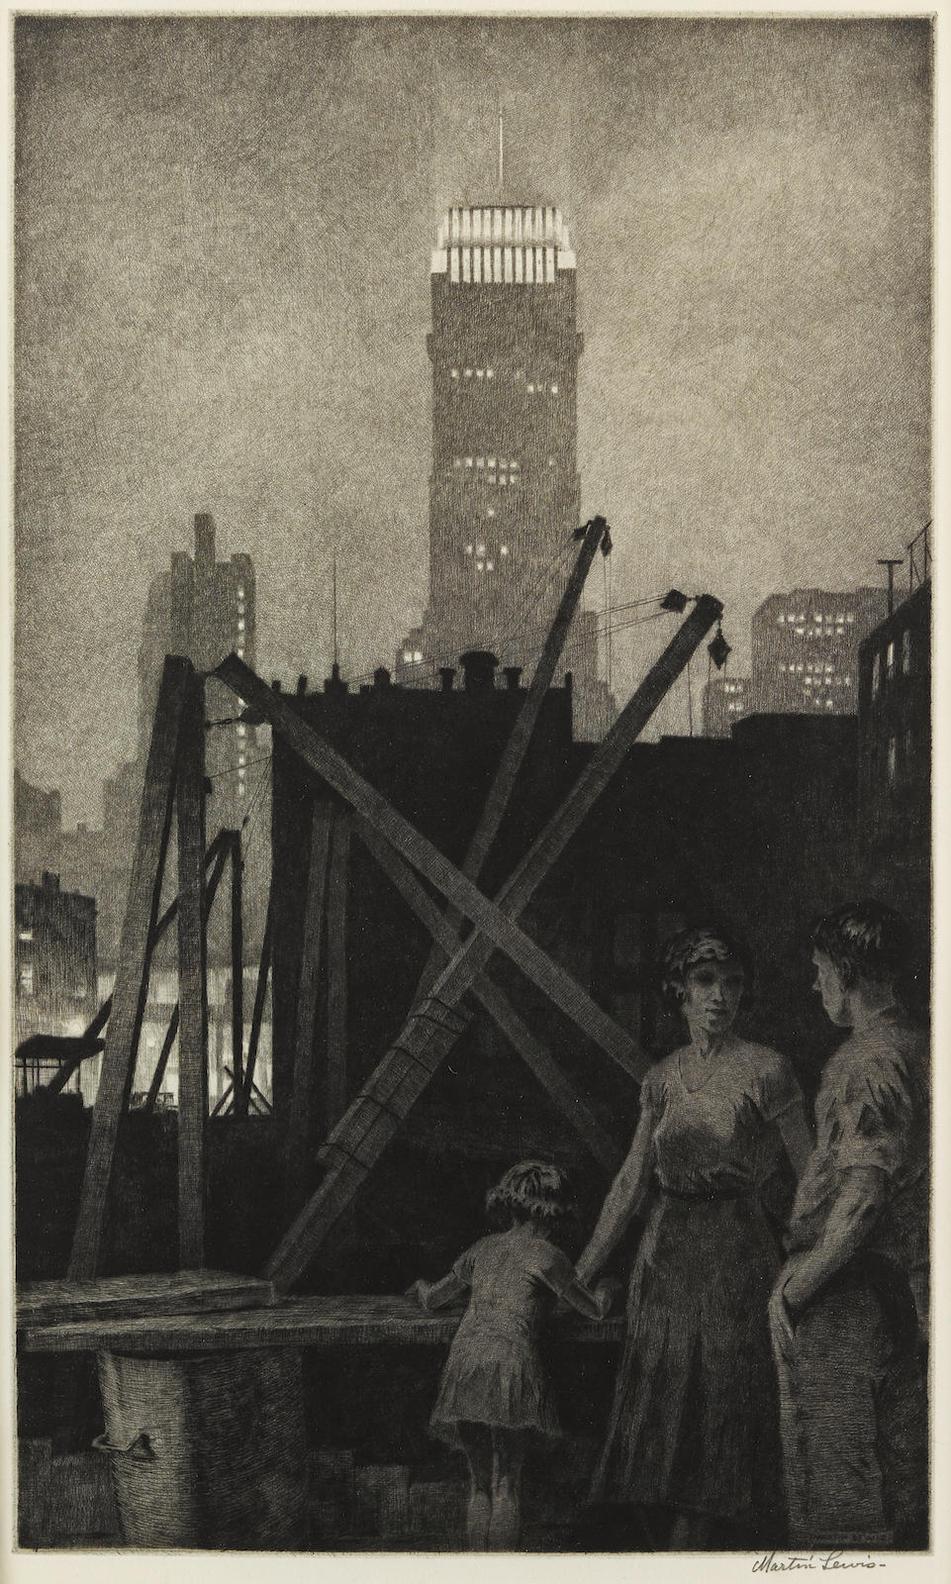 Martin Lewis-Manhattan Lights-1931